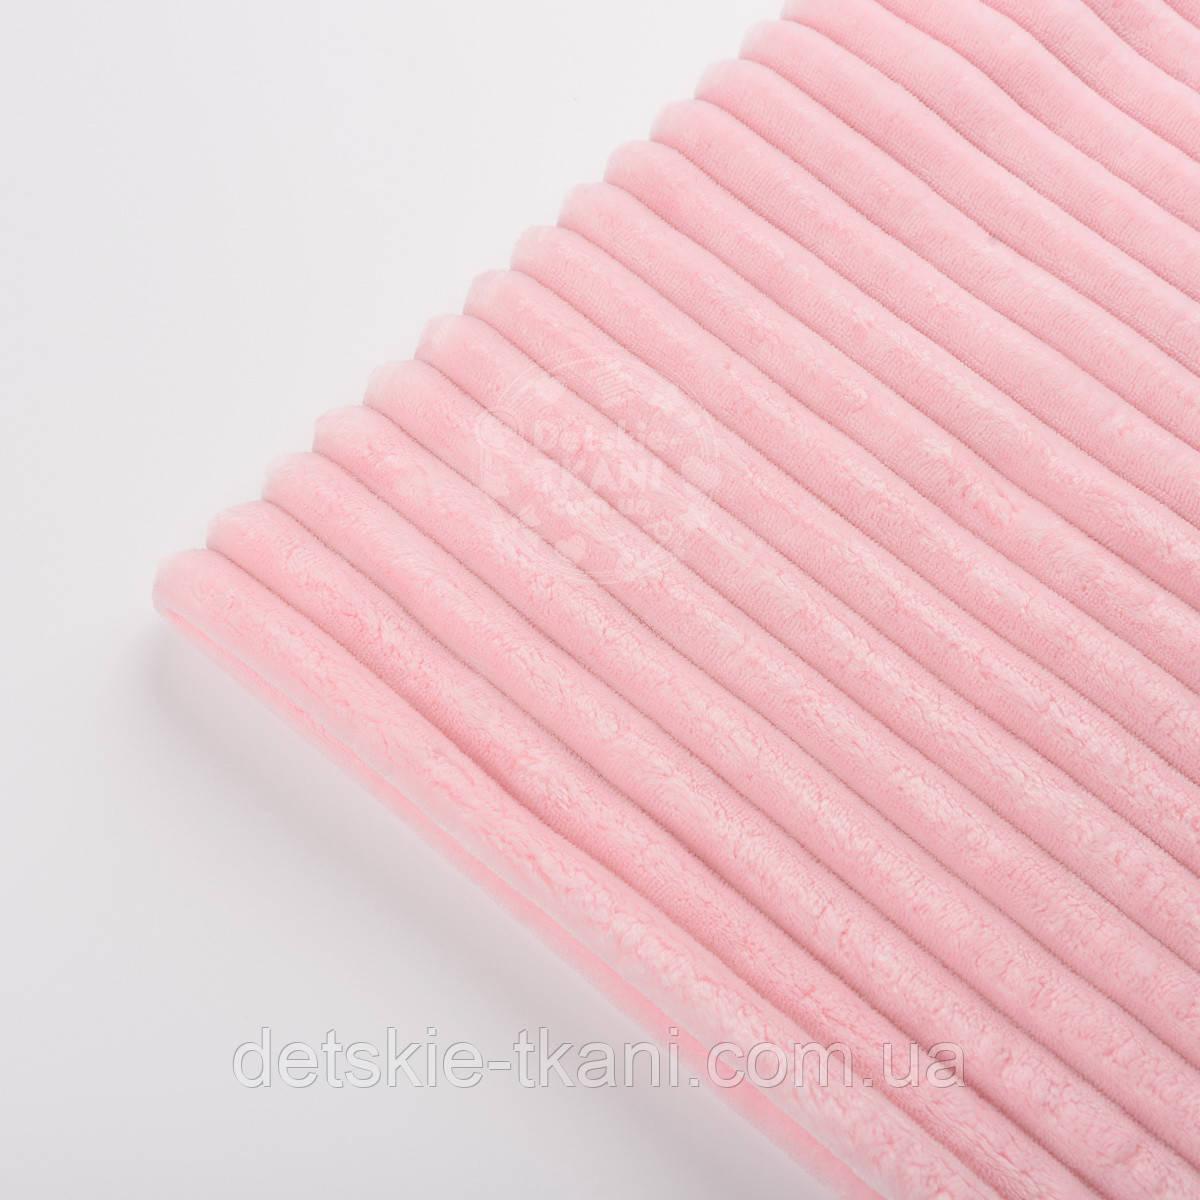 """Два лоскута плюша в полоску """"Stripes""""  светло-розового цвета, размер 25*,75, 50*30 см"""